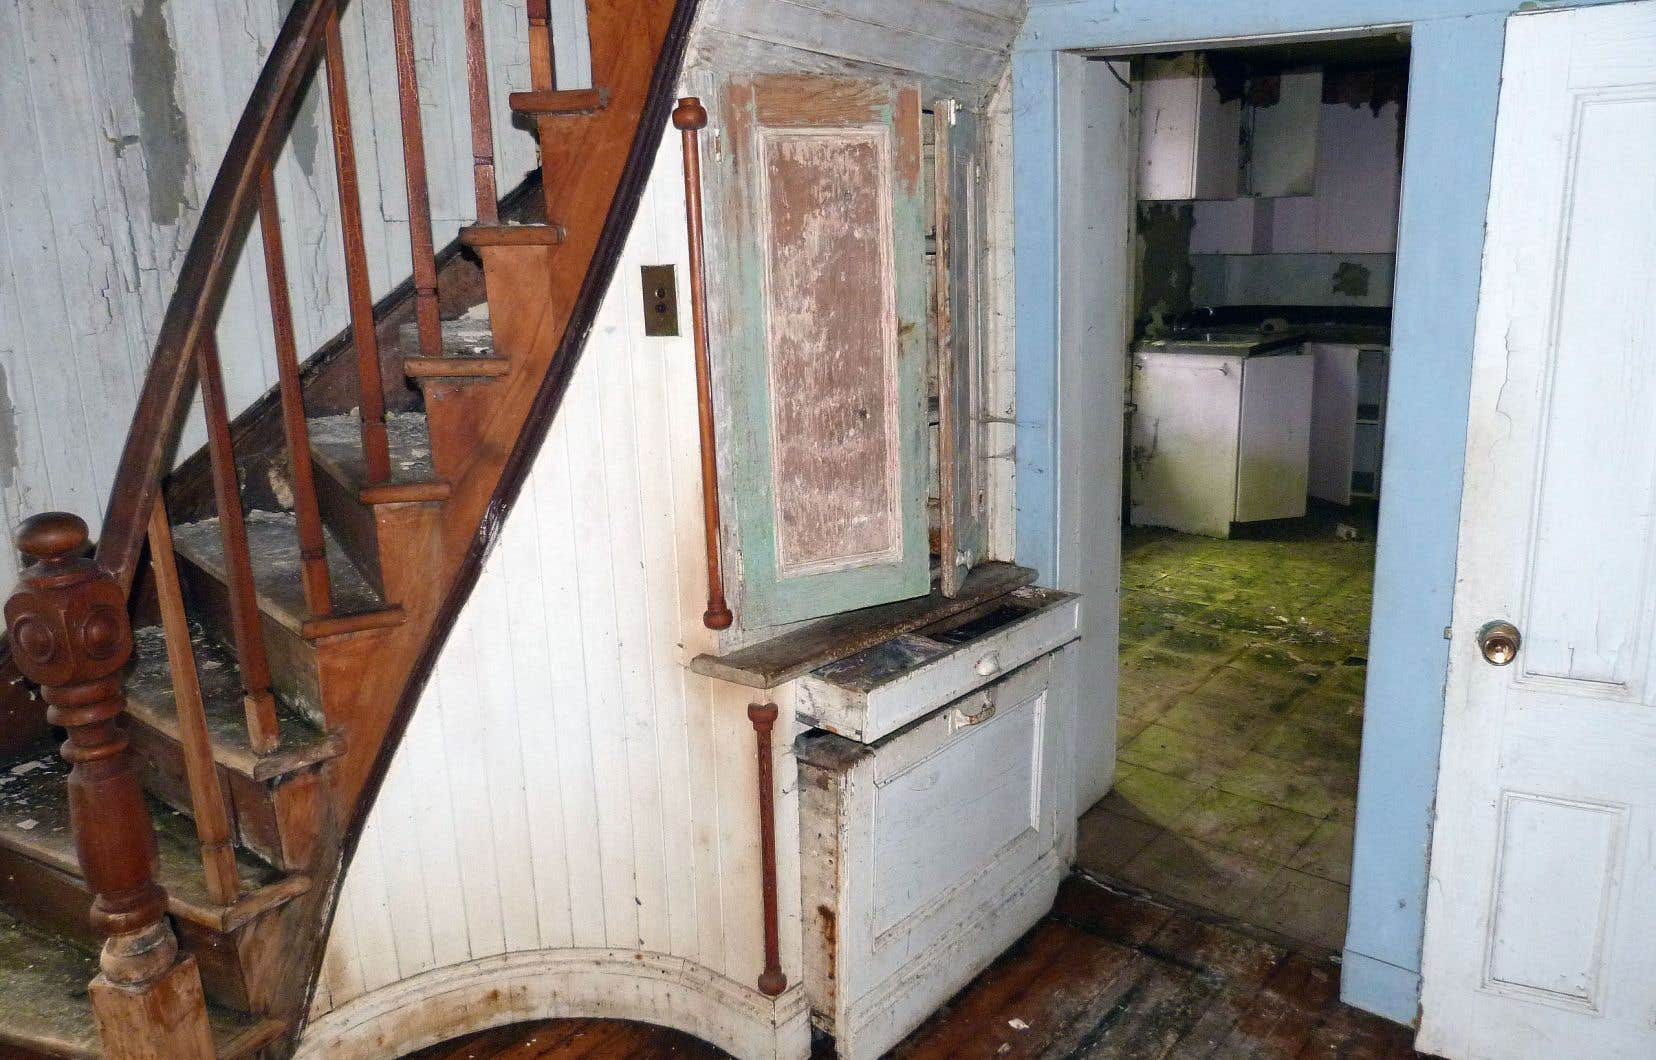 Vue de l'intérieur de la maison Legendre laissée à l'abandon